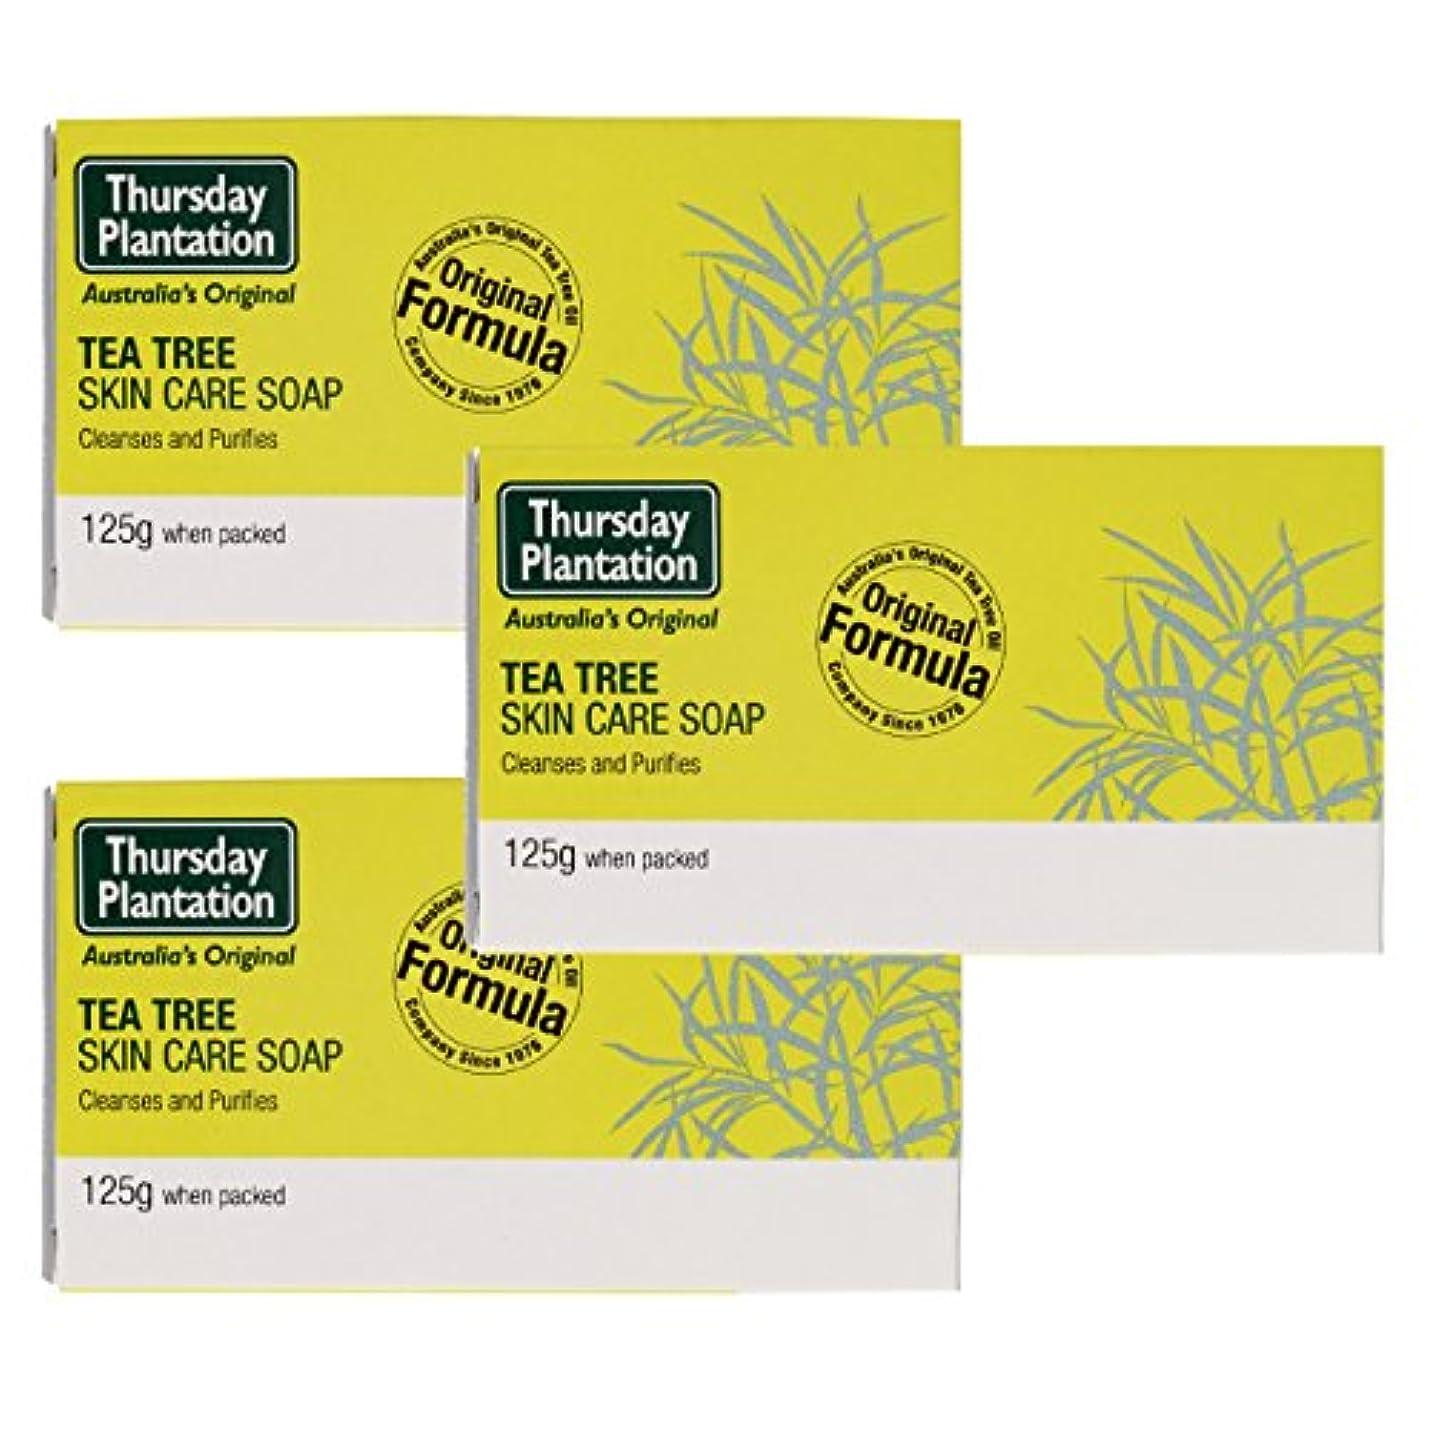 ティーツリー スキンケア ソープ 125g x3 Thursday Plantation Tea Tree Skin Care Soap [並行輸入品]